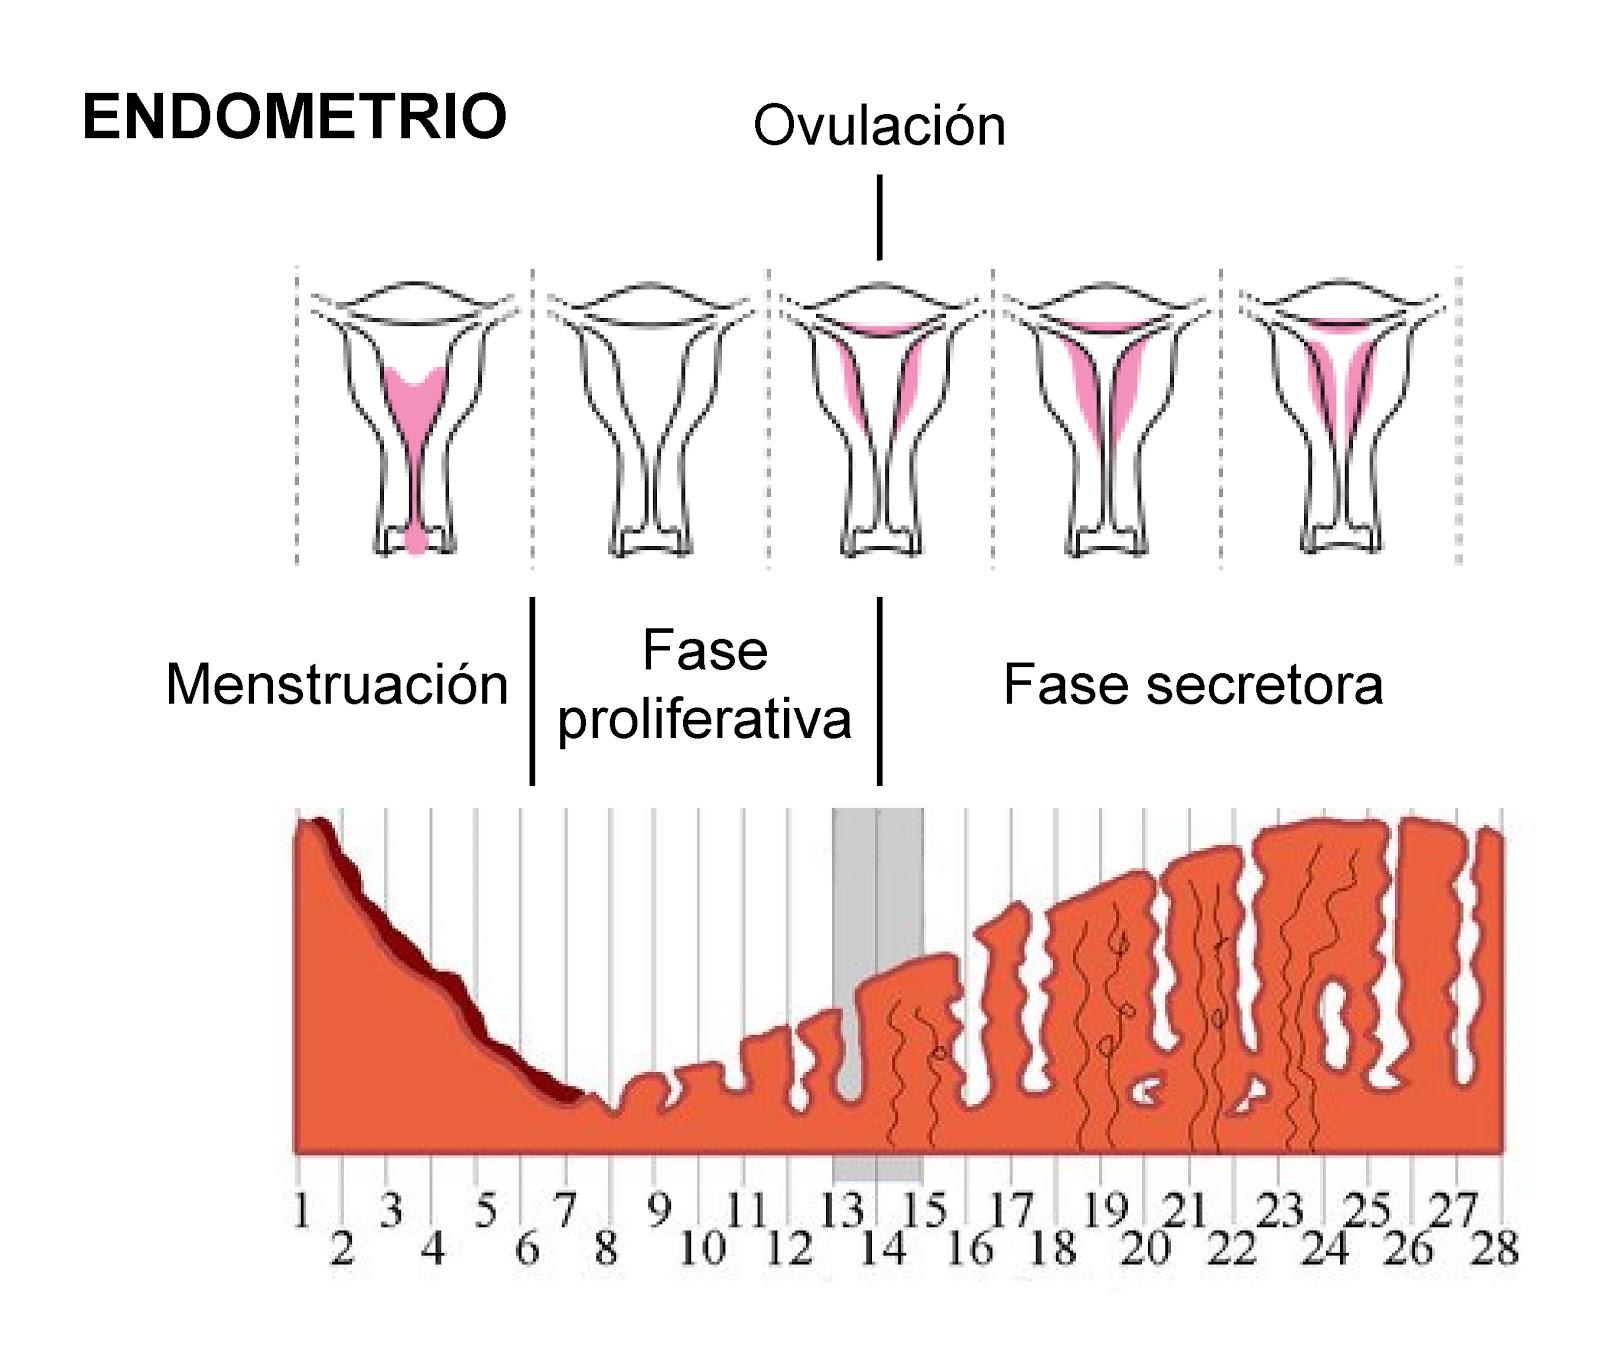 Crecimiento y desarrollo del endometrio a lo largo del ciclo menstrual